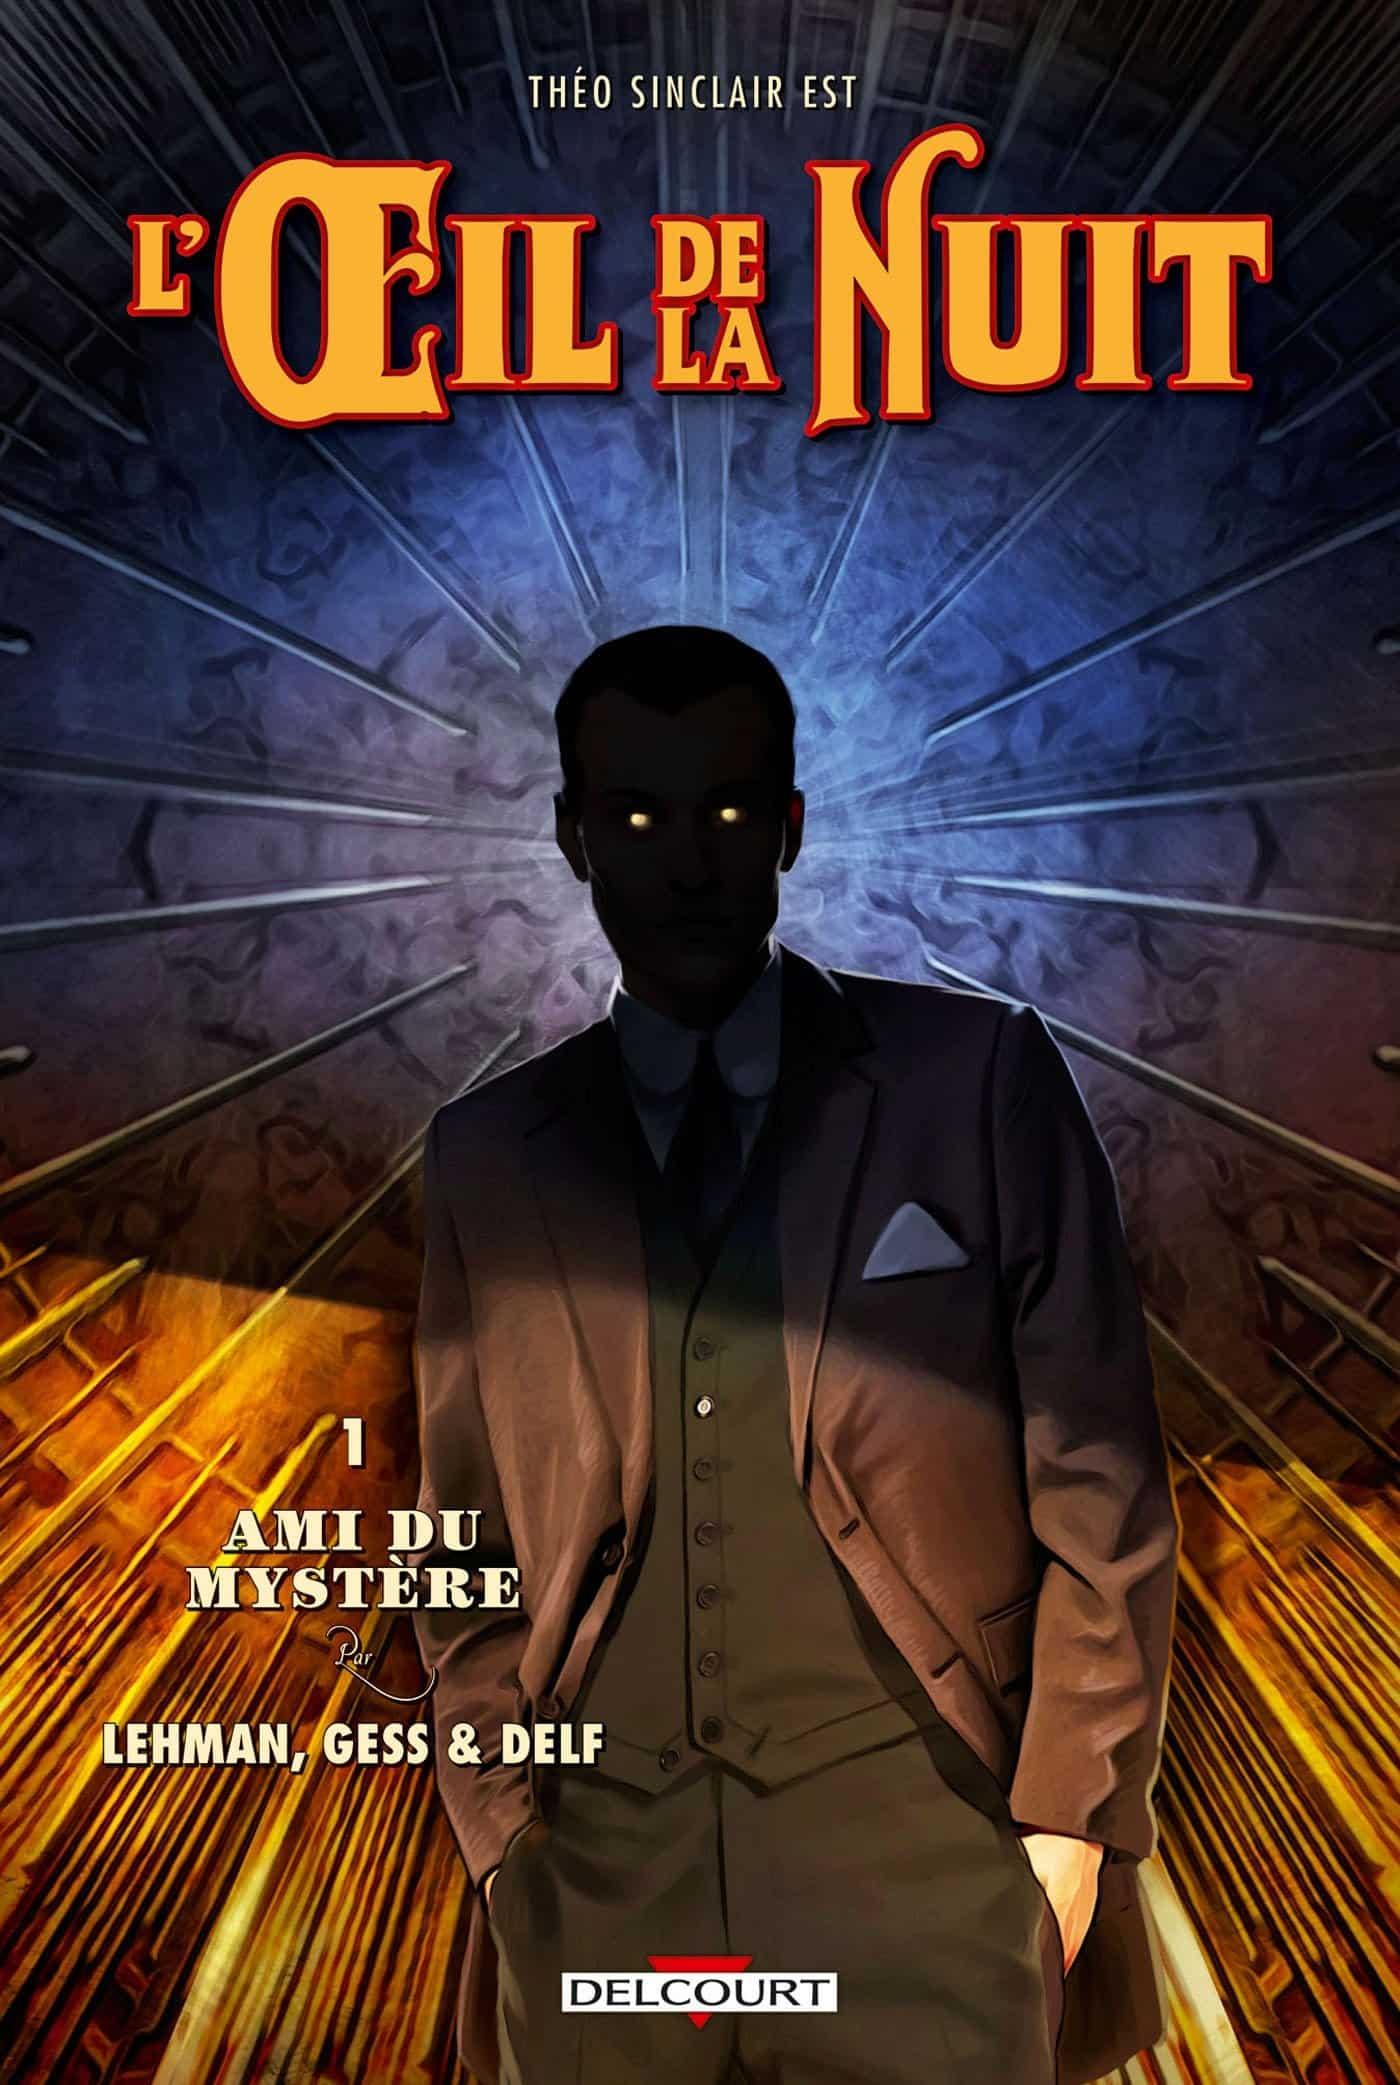 Dossier : L'Œil de la Nuit et le Nyctalope, un fascinant justicier détective chez Delcourt